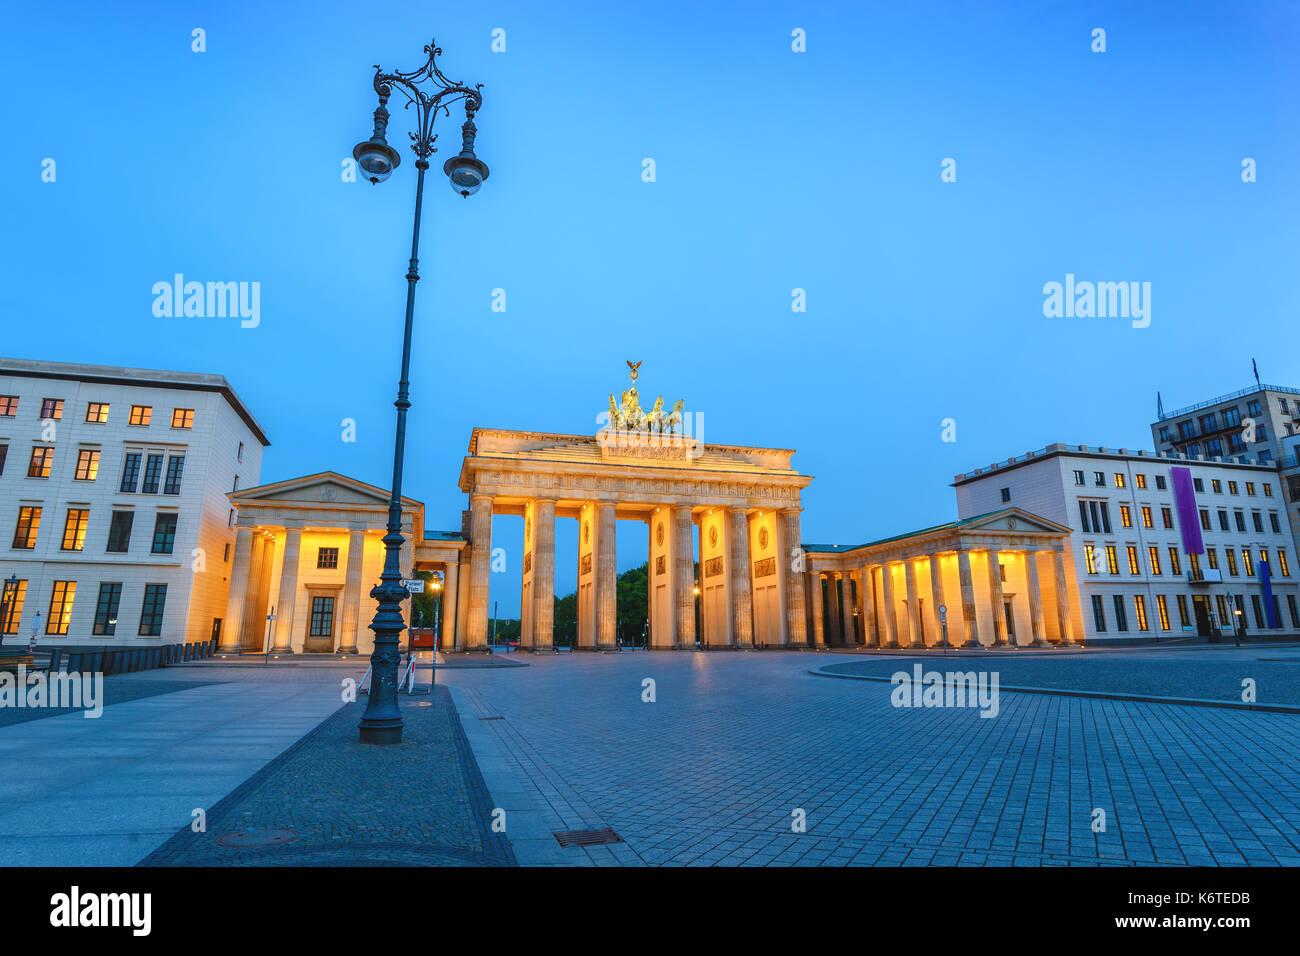 Nuit sur la ville de Berlin à la porte de Brandebourg (Brandenburger Tor), Berlin, Allemagne Photo Stock